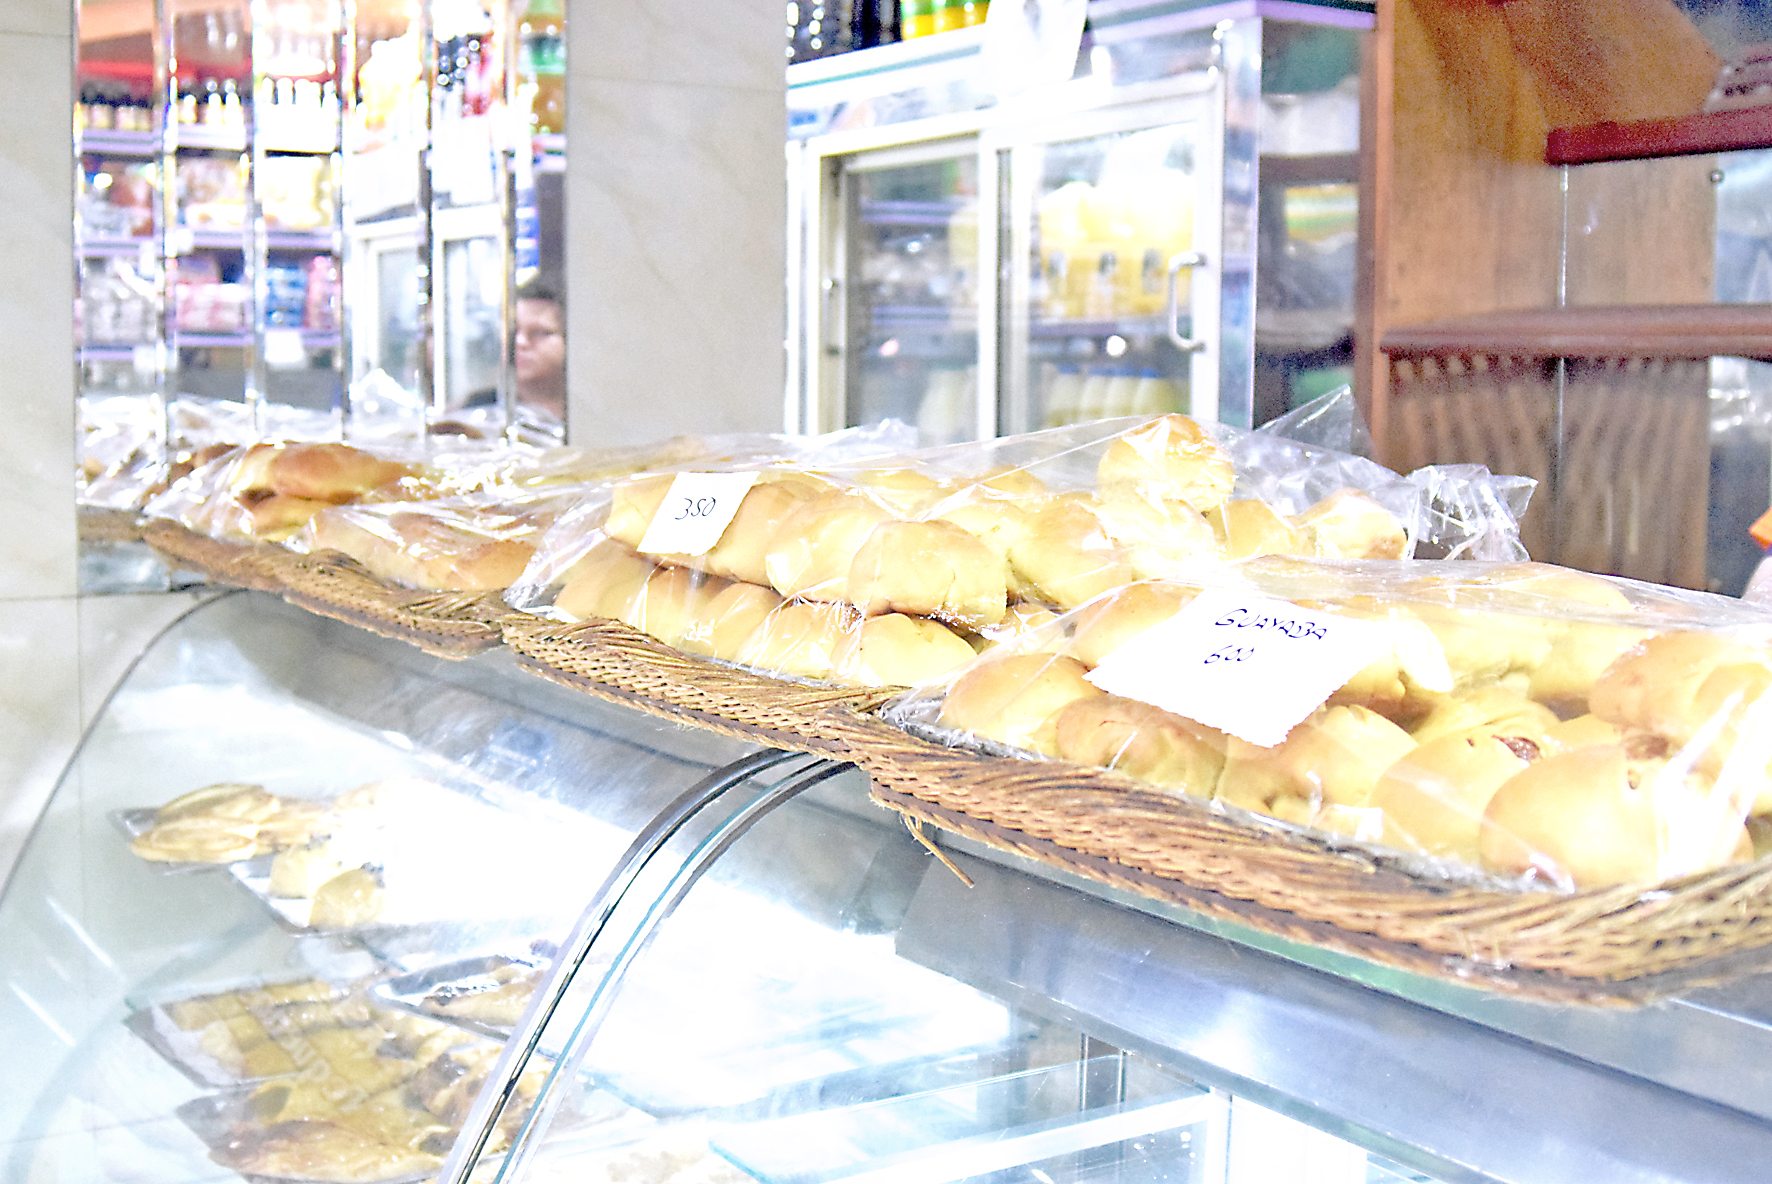 Esperan distribución de harinapara continuar producción